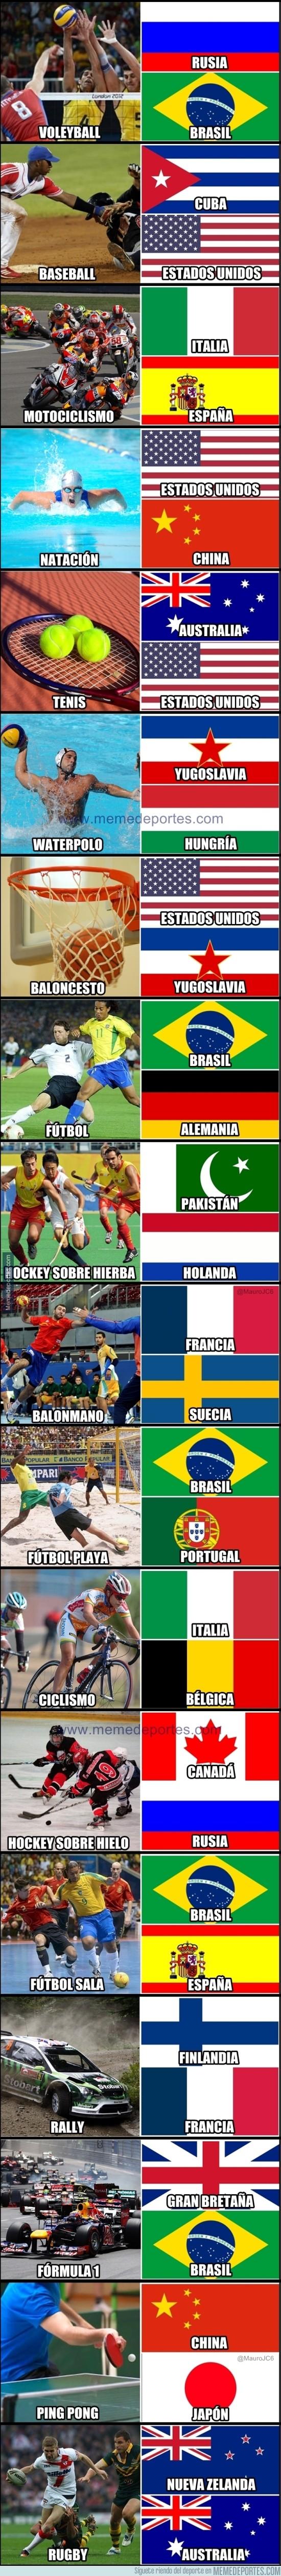 647078 - Las dos grandes potencias de cada deporte